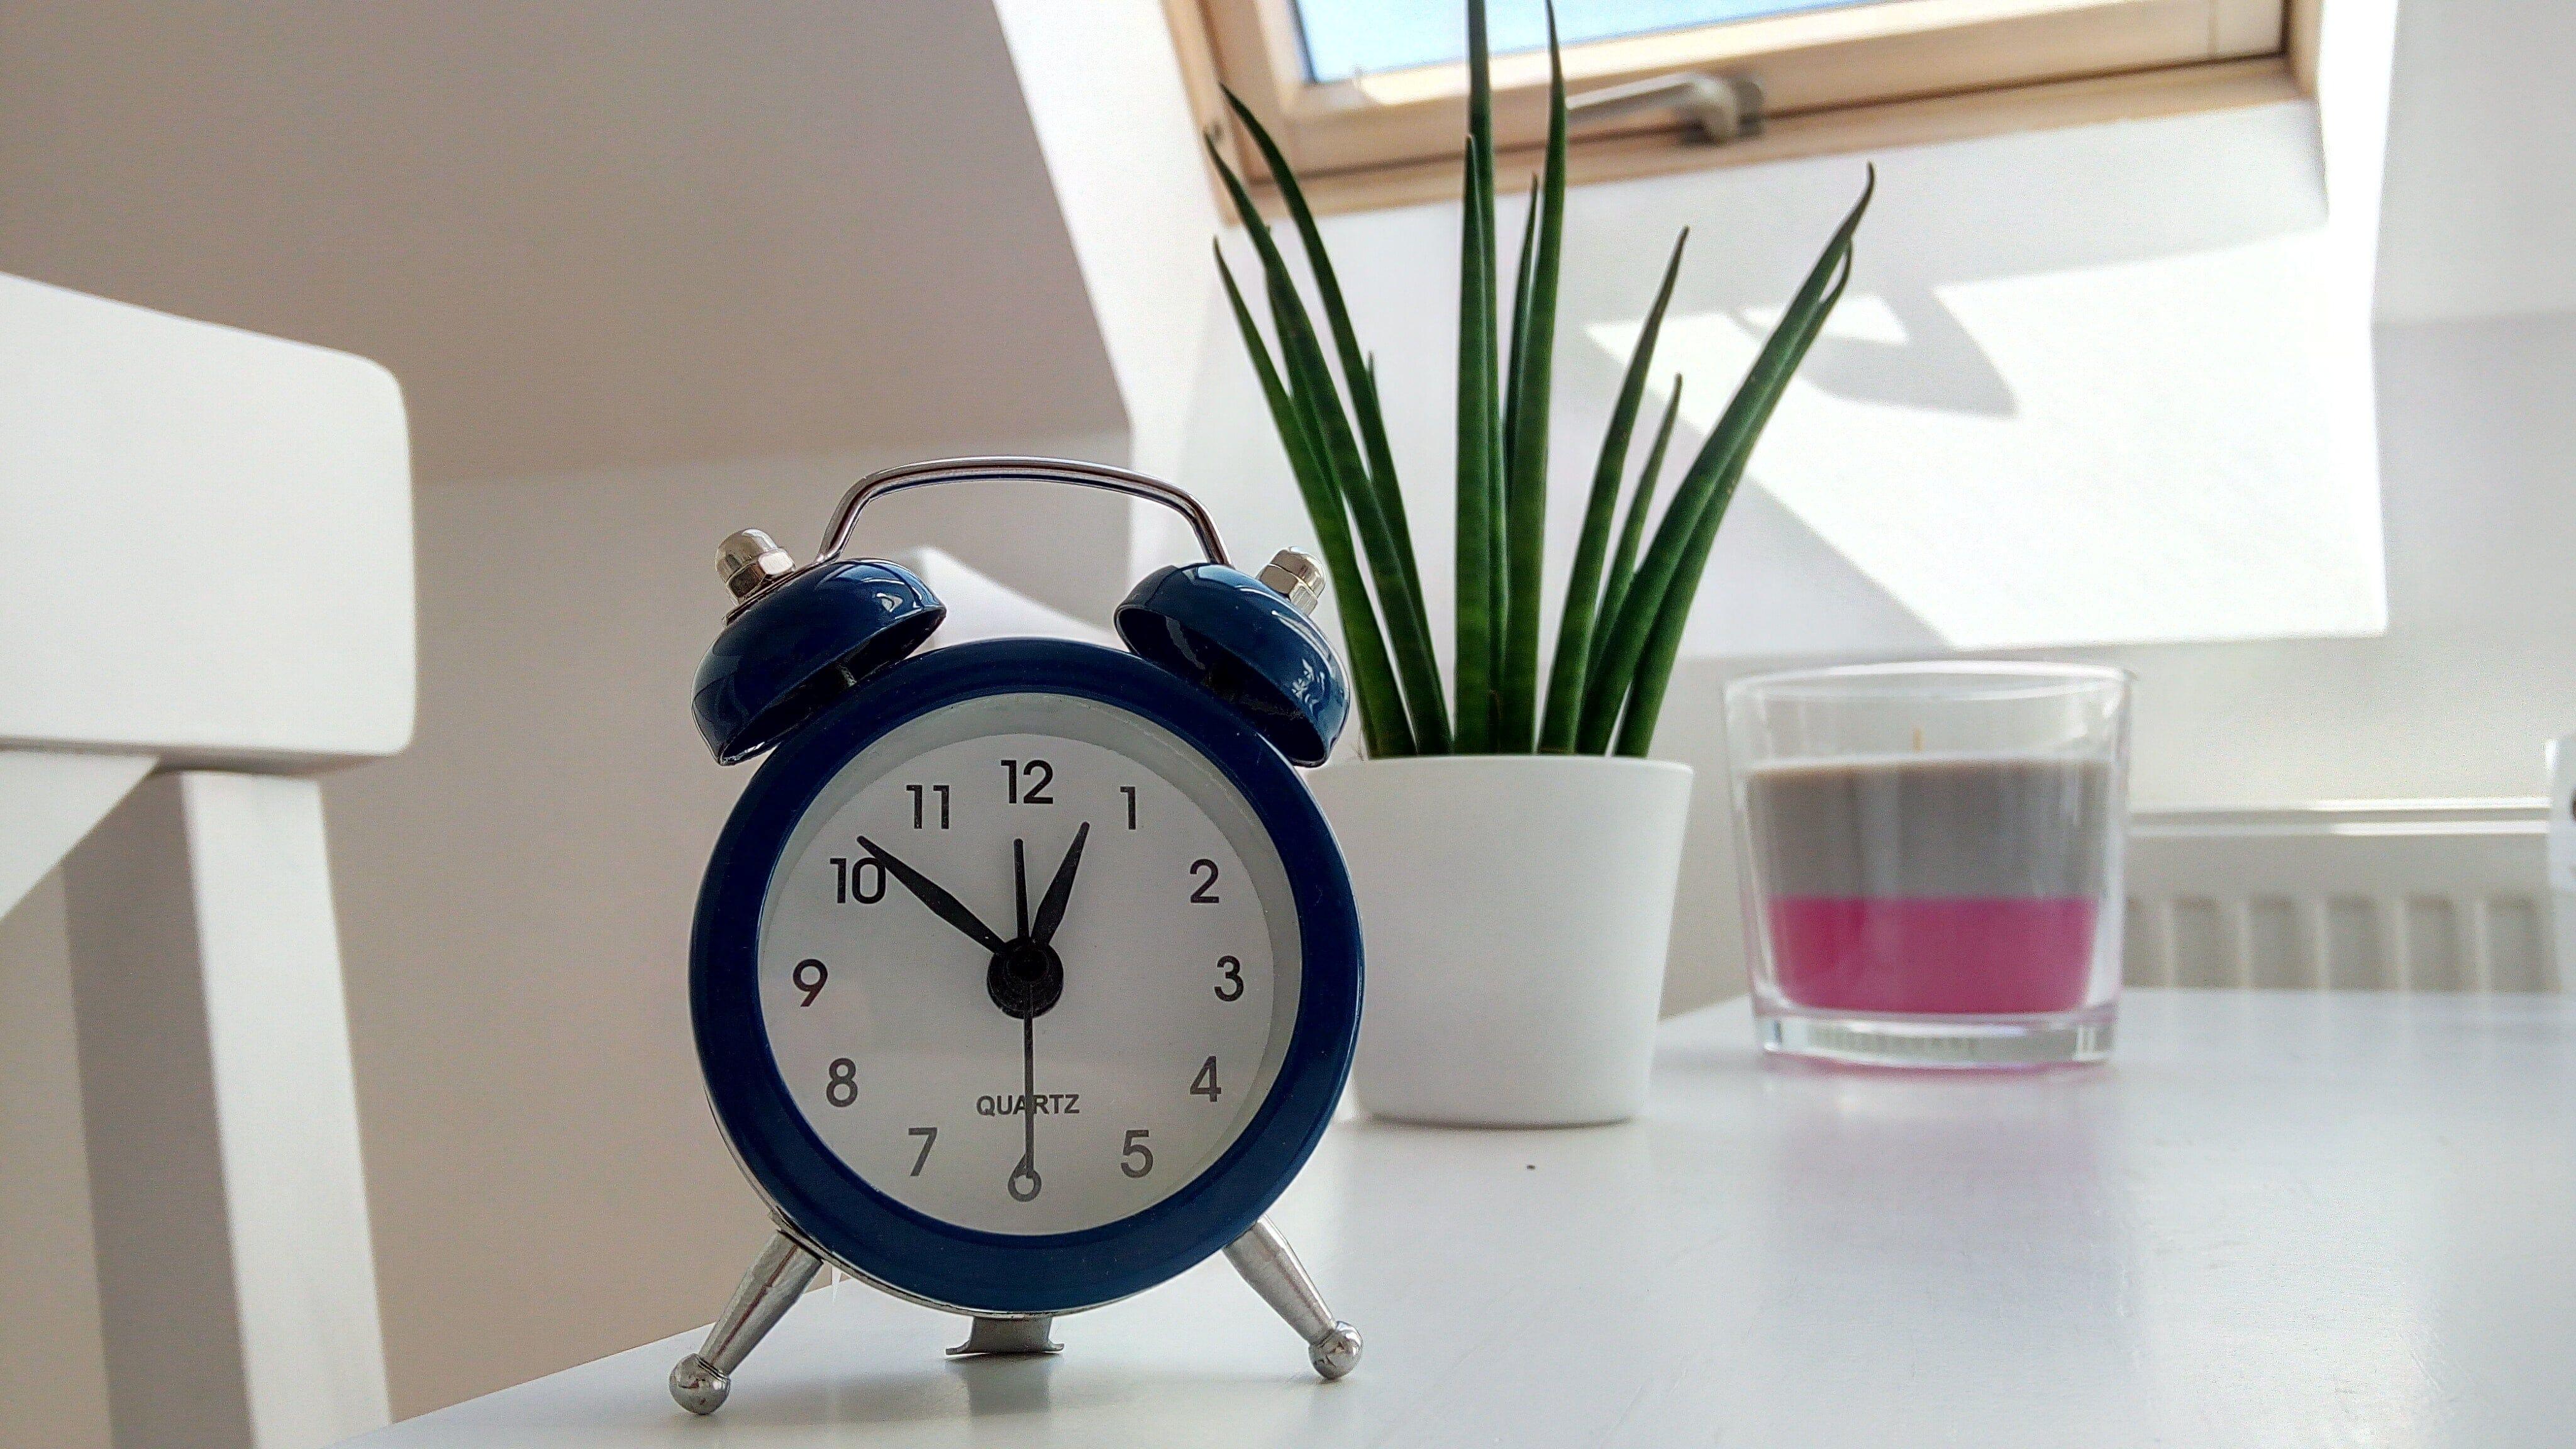 斜槓族每天做什麼?「透視」不離職斜槓創業者生活+3招時間管理術 - 我在家。我創業 - Medium